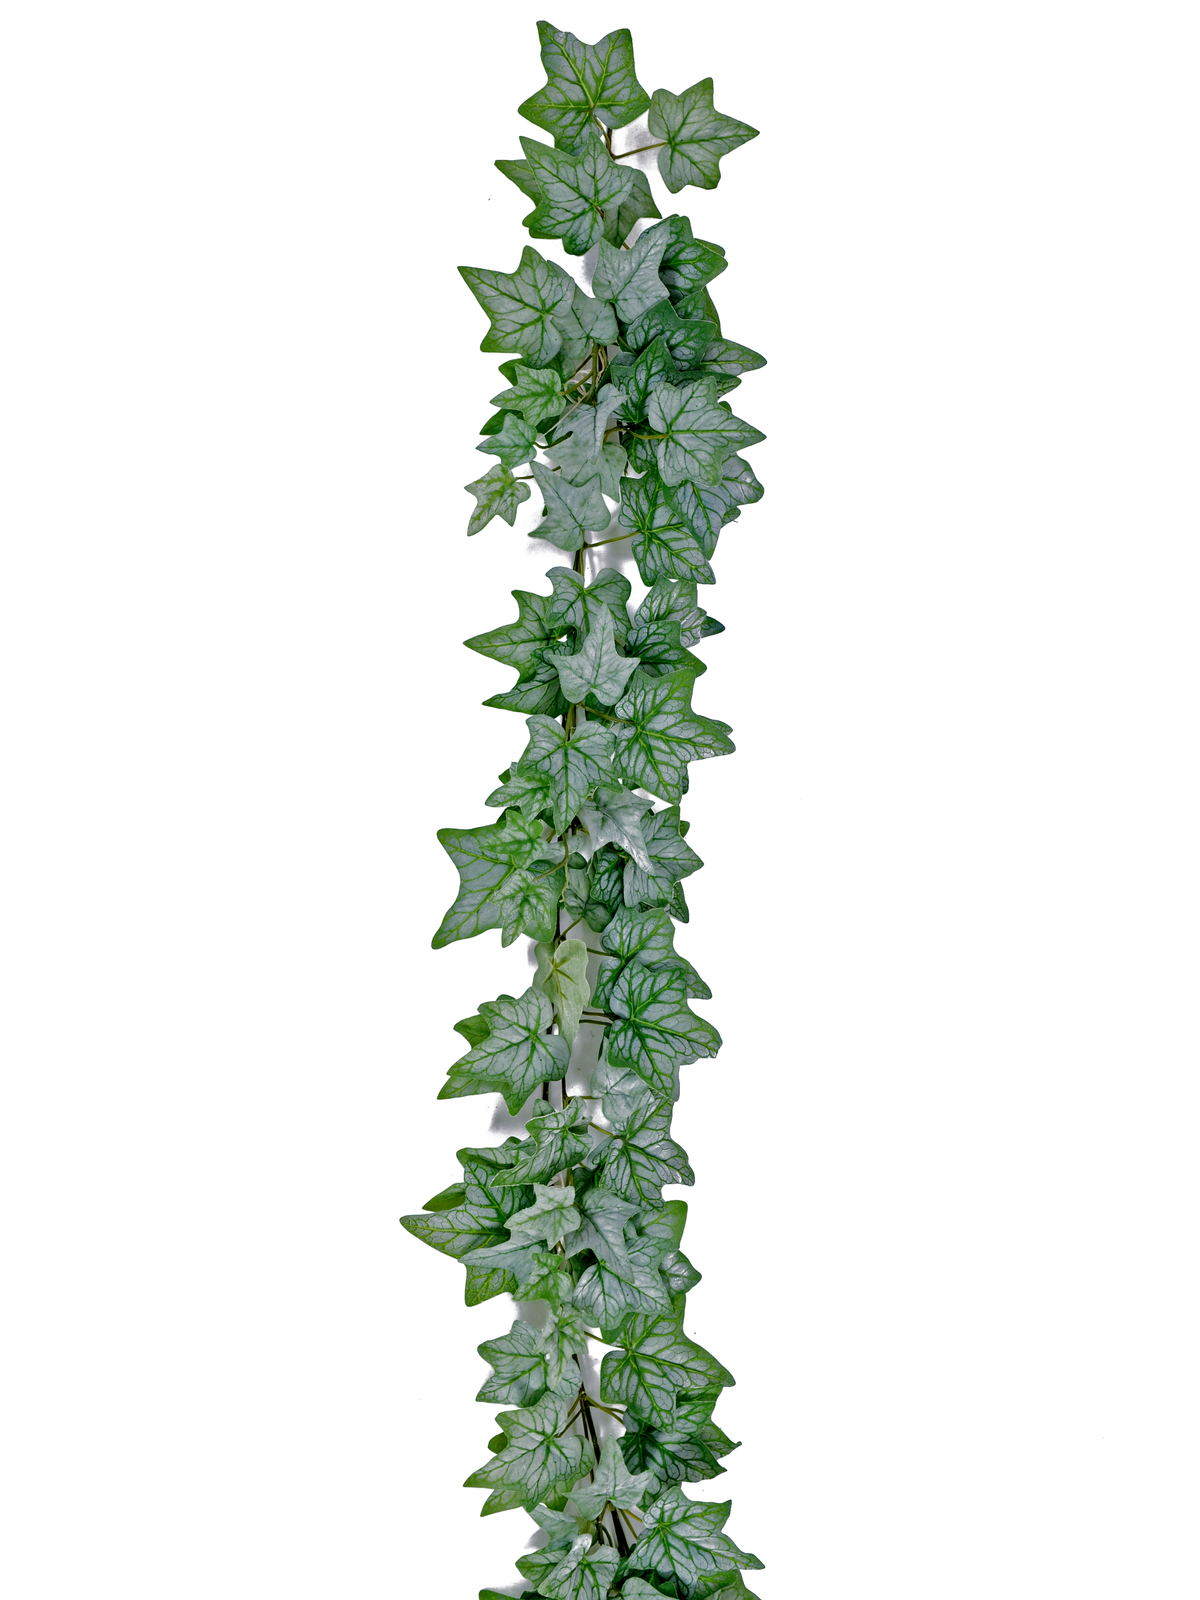 EUROPALMS Efeugirlande dicht, künstlich, grün, 180cm